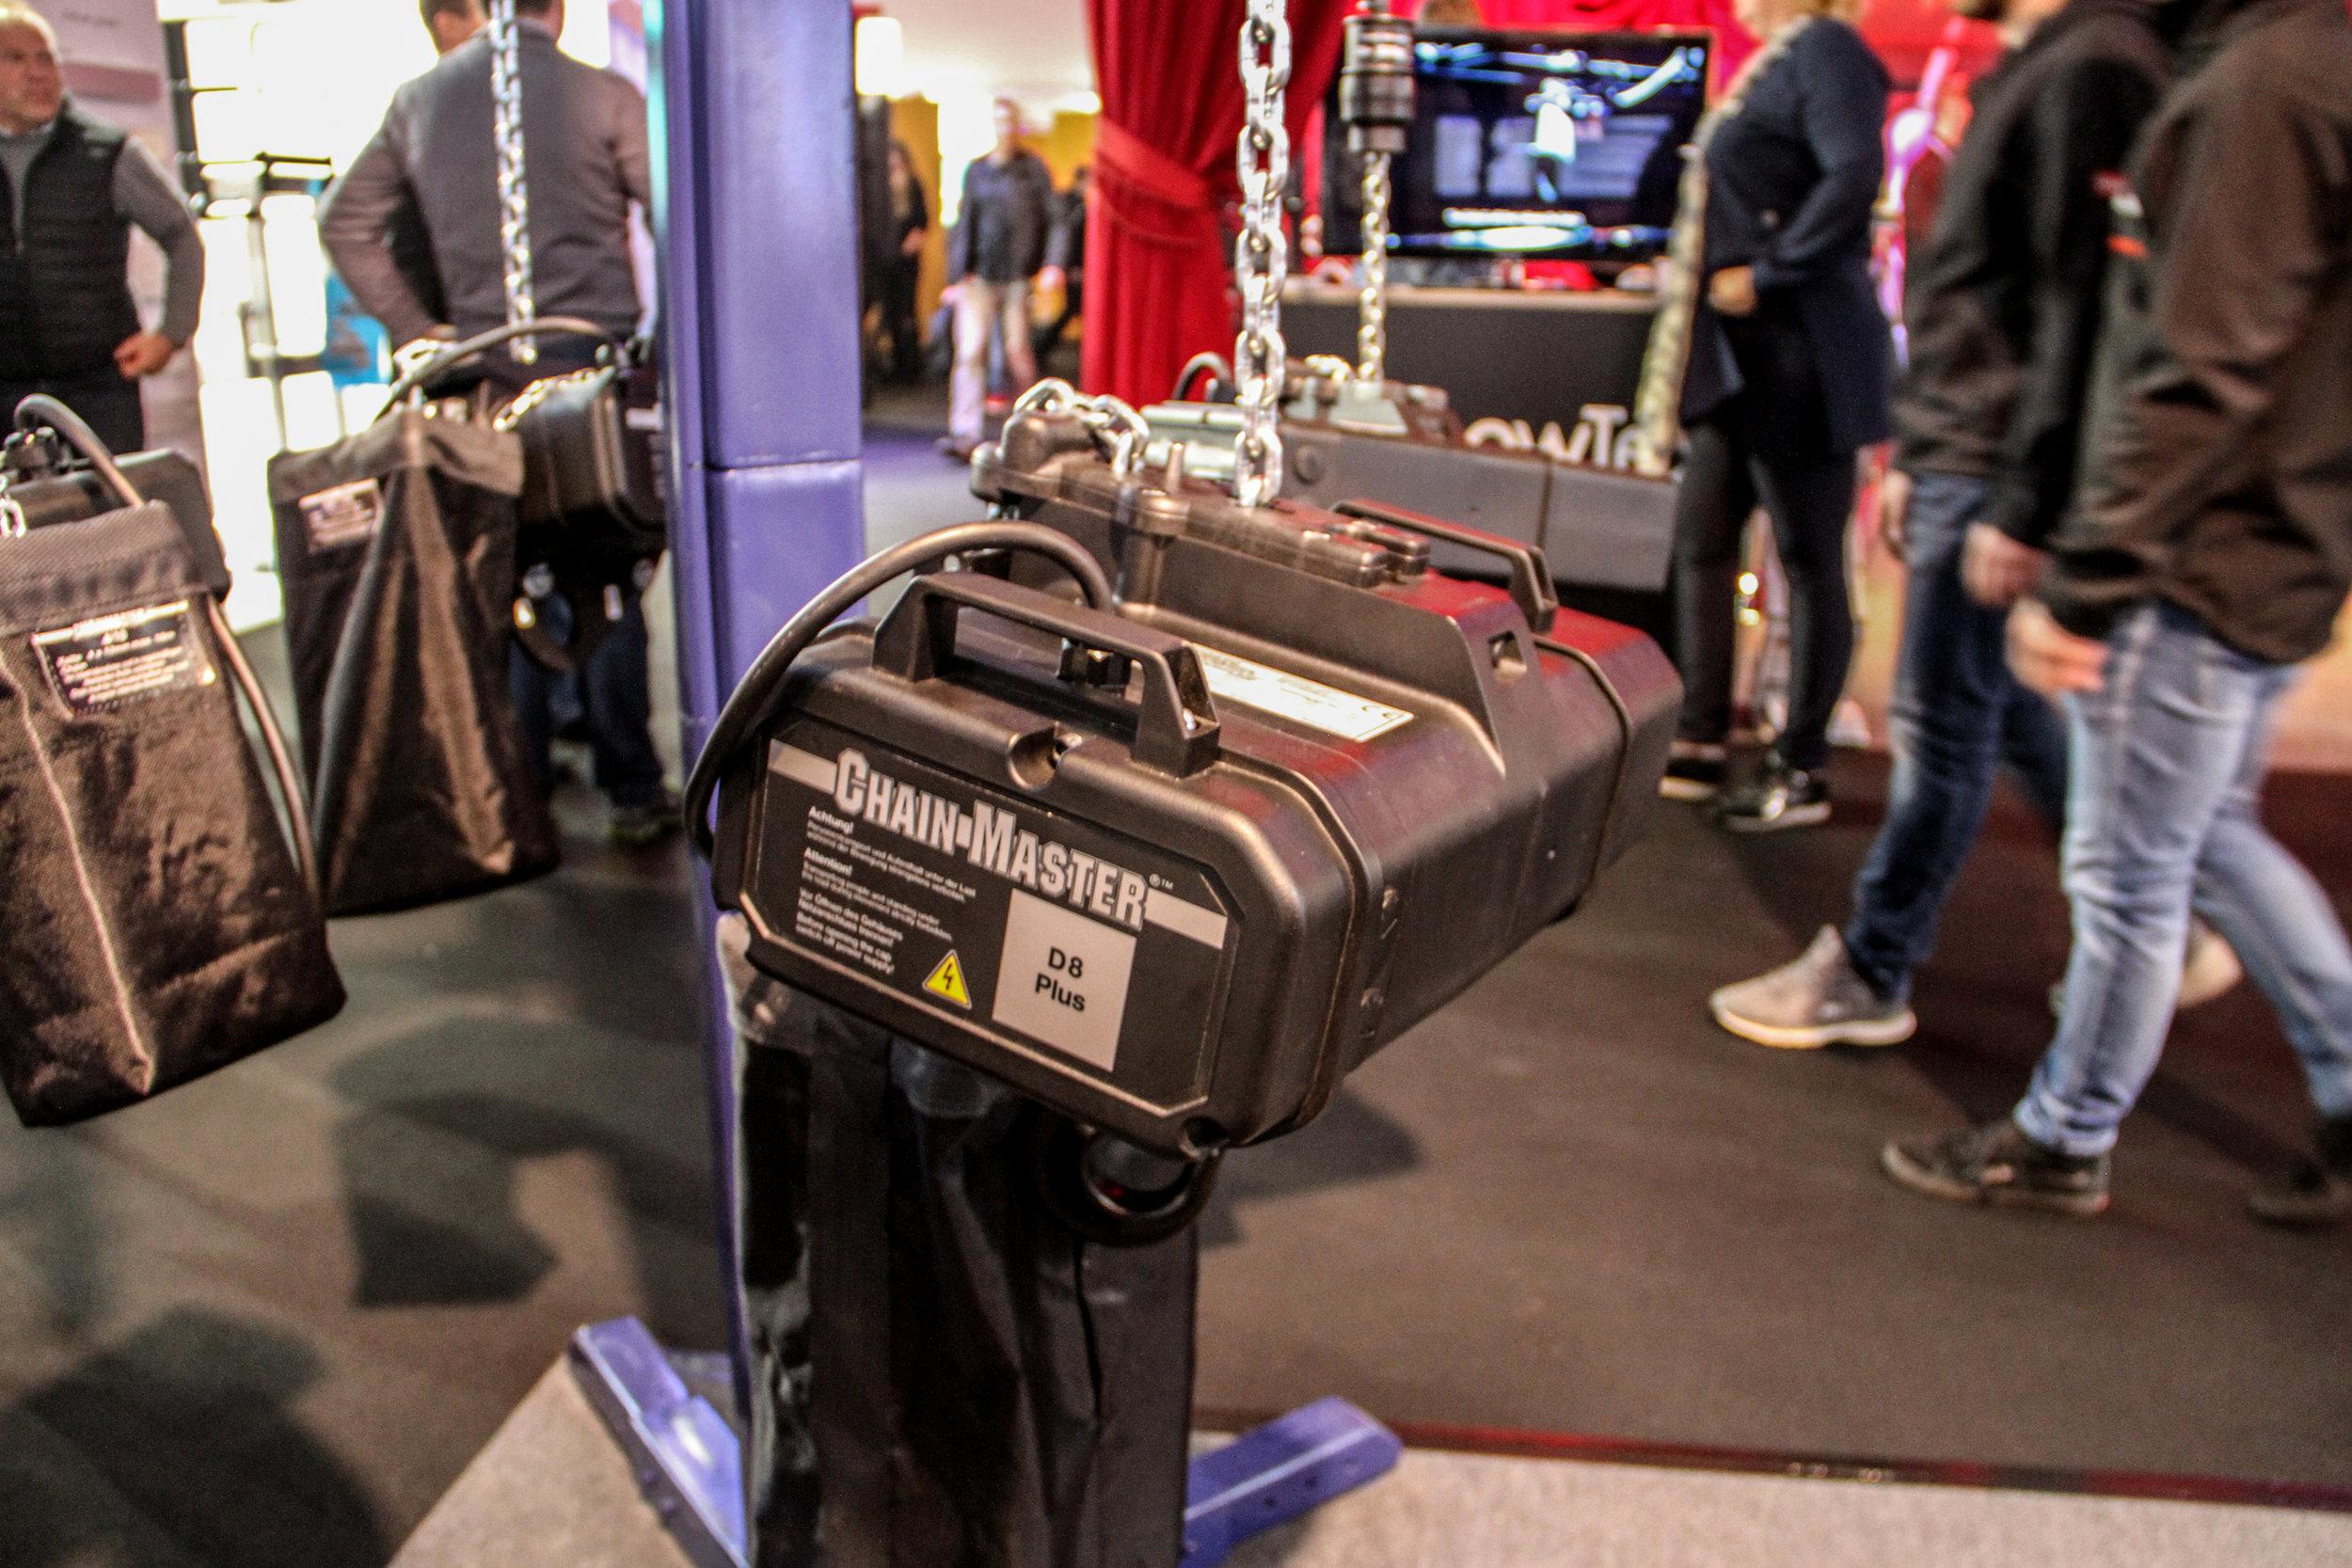 Till Chain Masters nya serie motorer i D8+ introducerade man för första gången en telfer med viktkapaciteten 750 kilogram. Kompakt och lätt, dessutom.